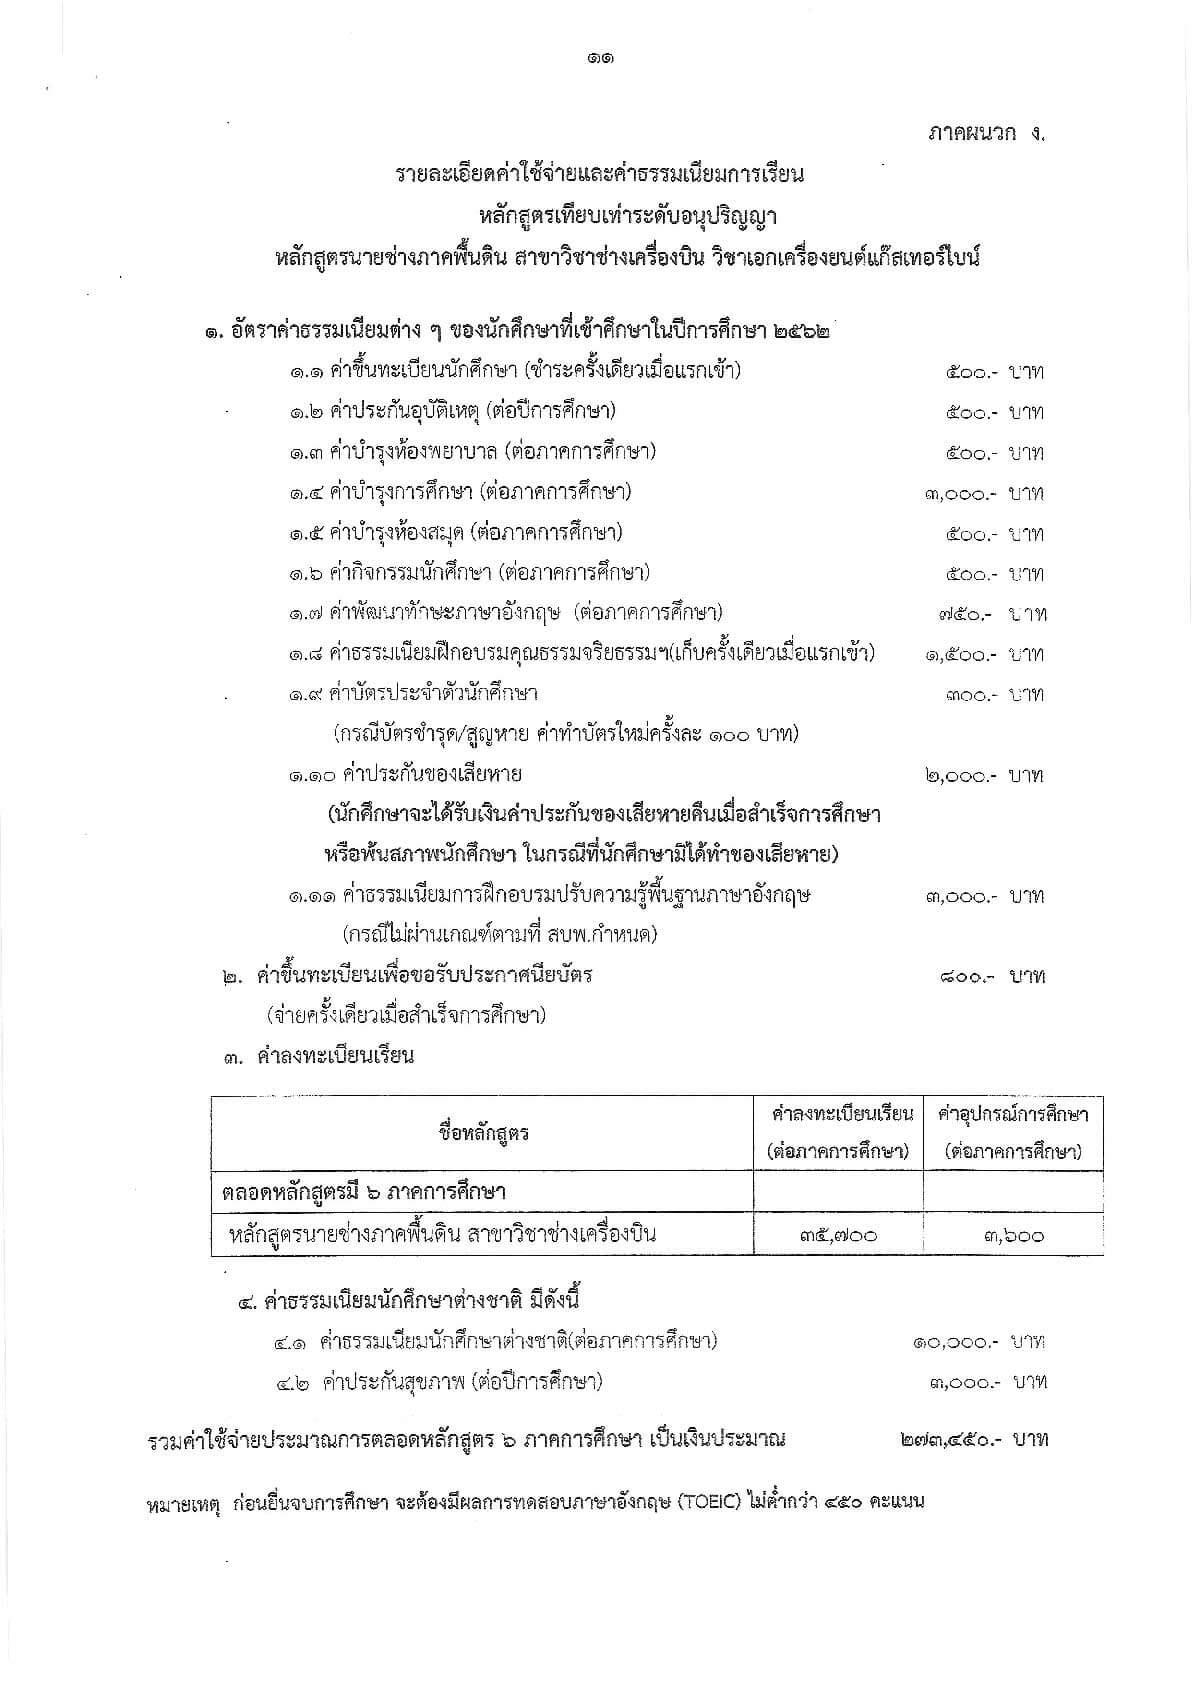 ระเบียบการรับสมัครสอบสถาบันการบินพลเรือน ปรจำปีการศึกษา 2562